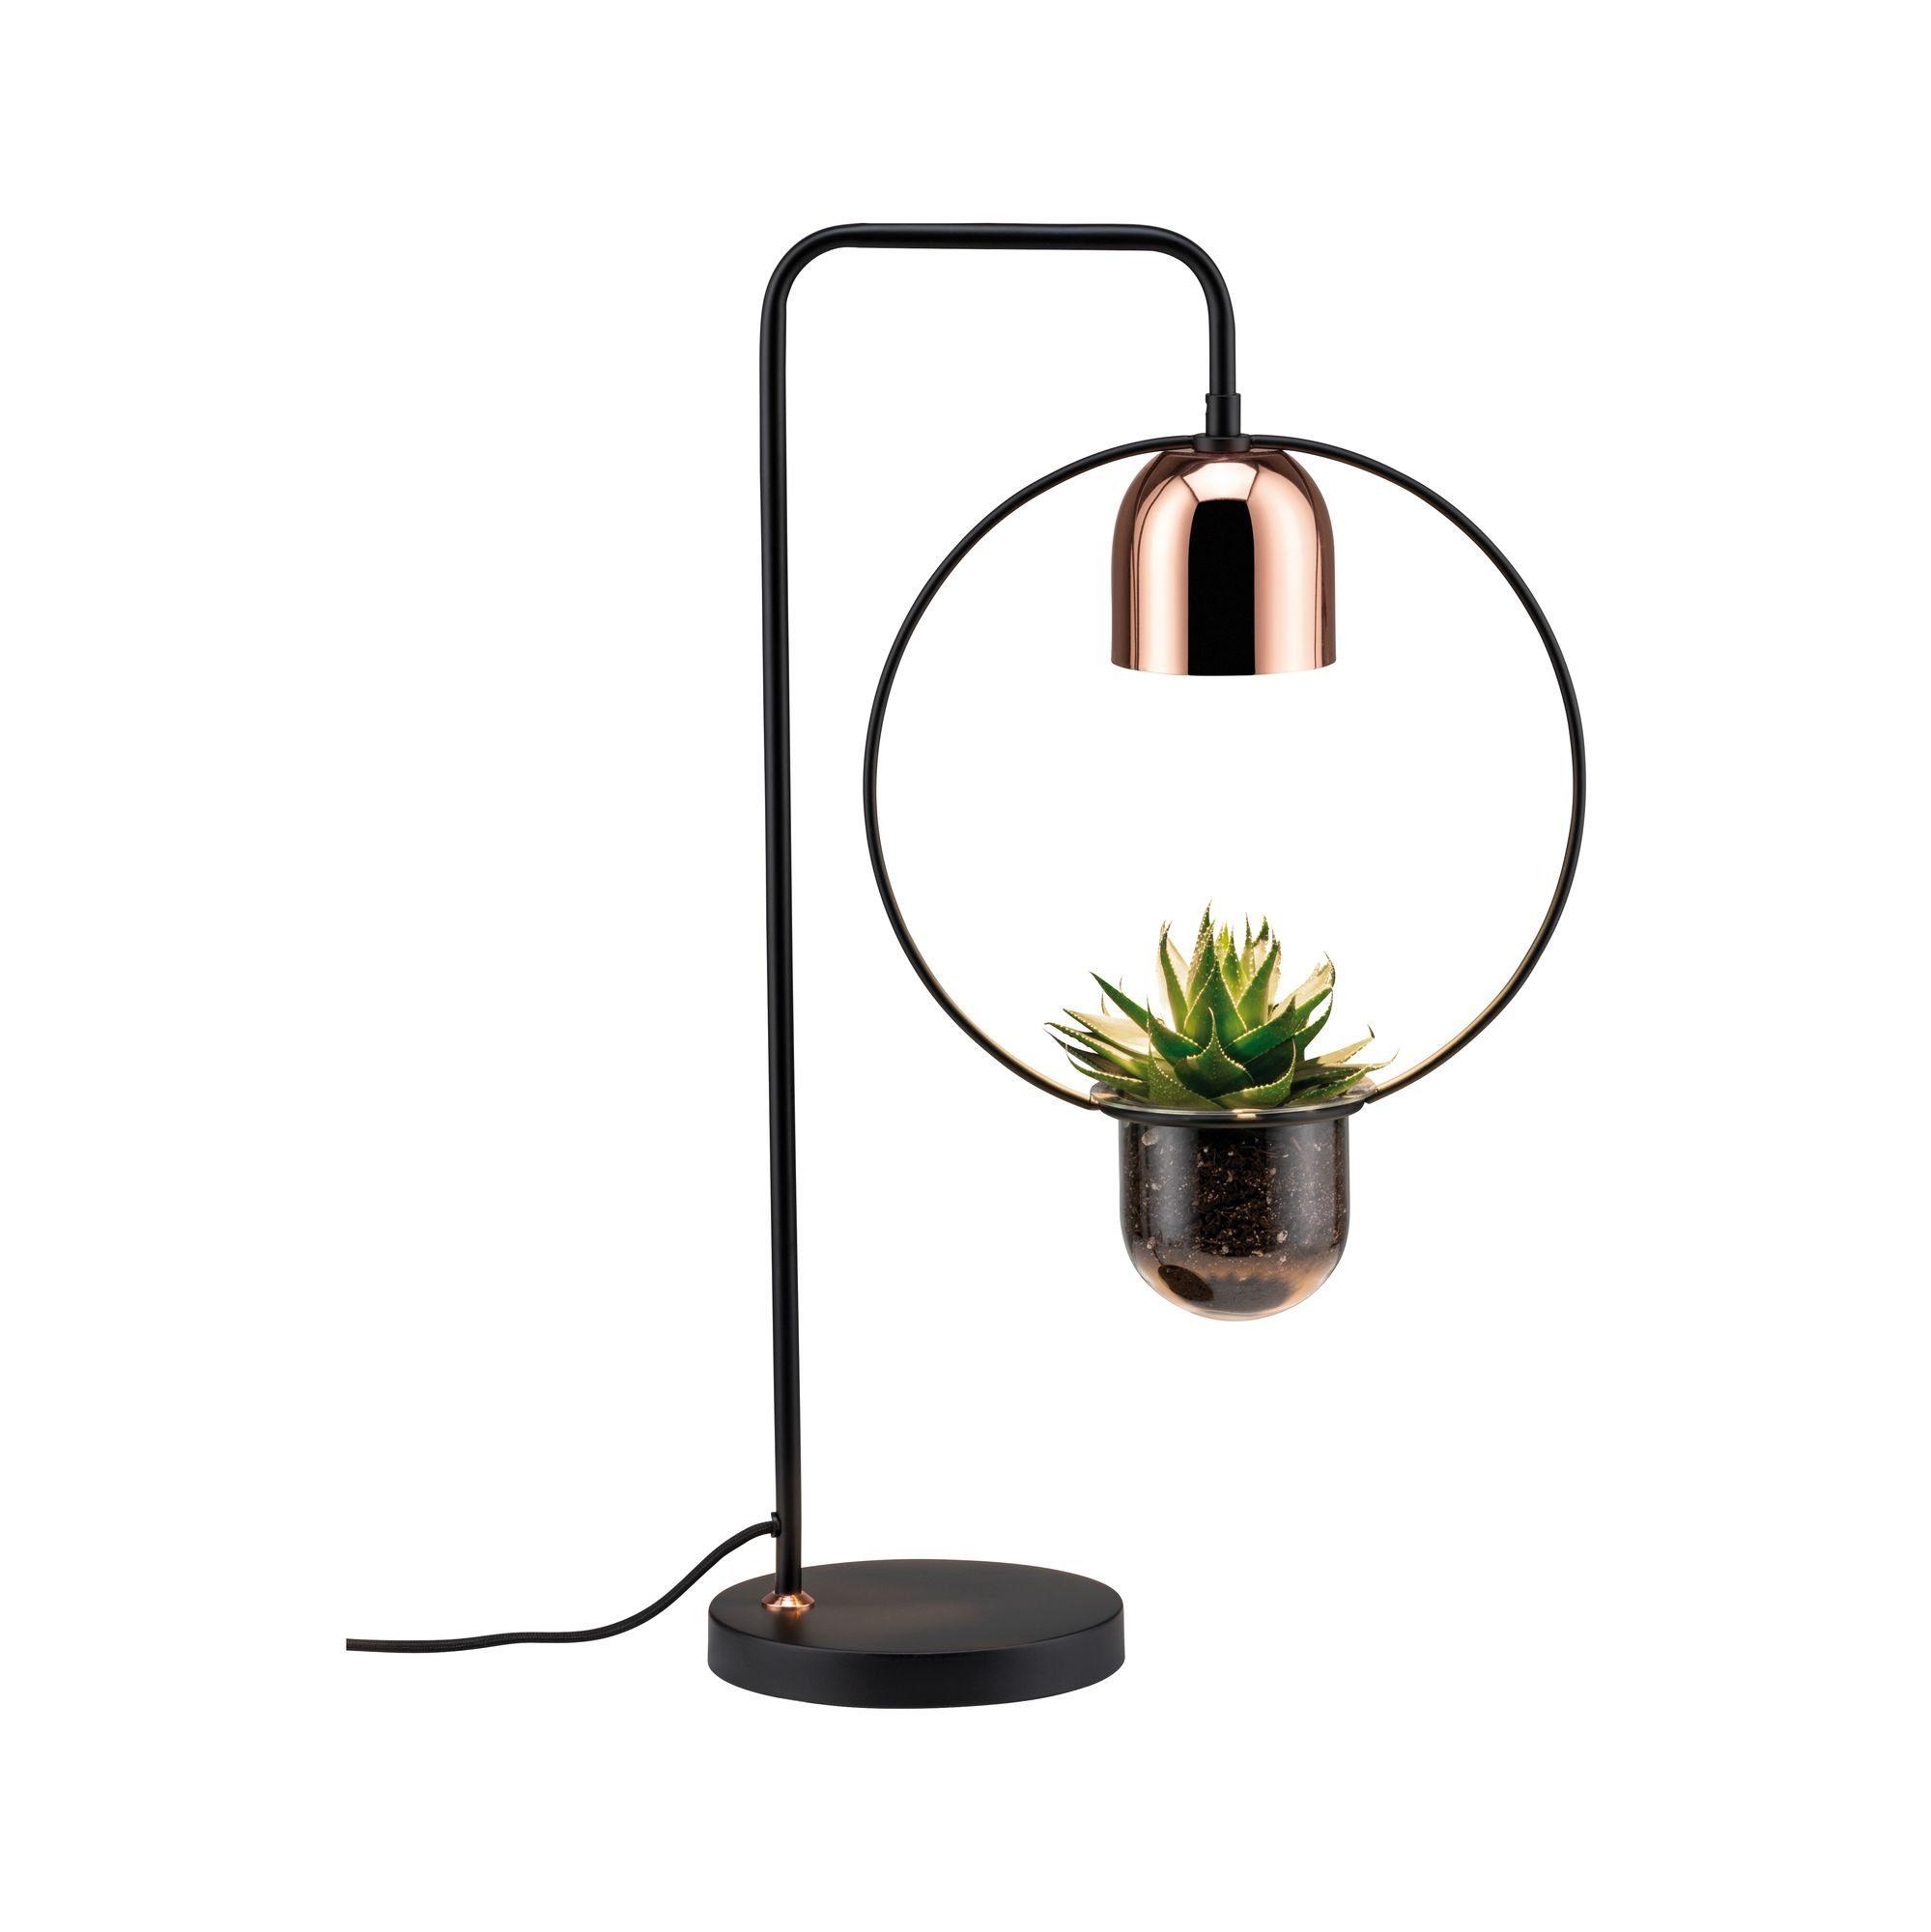 Paulmann,LED Tischleuchte Fanja Pflanzenleuchte Schwarz/Kupfer